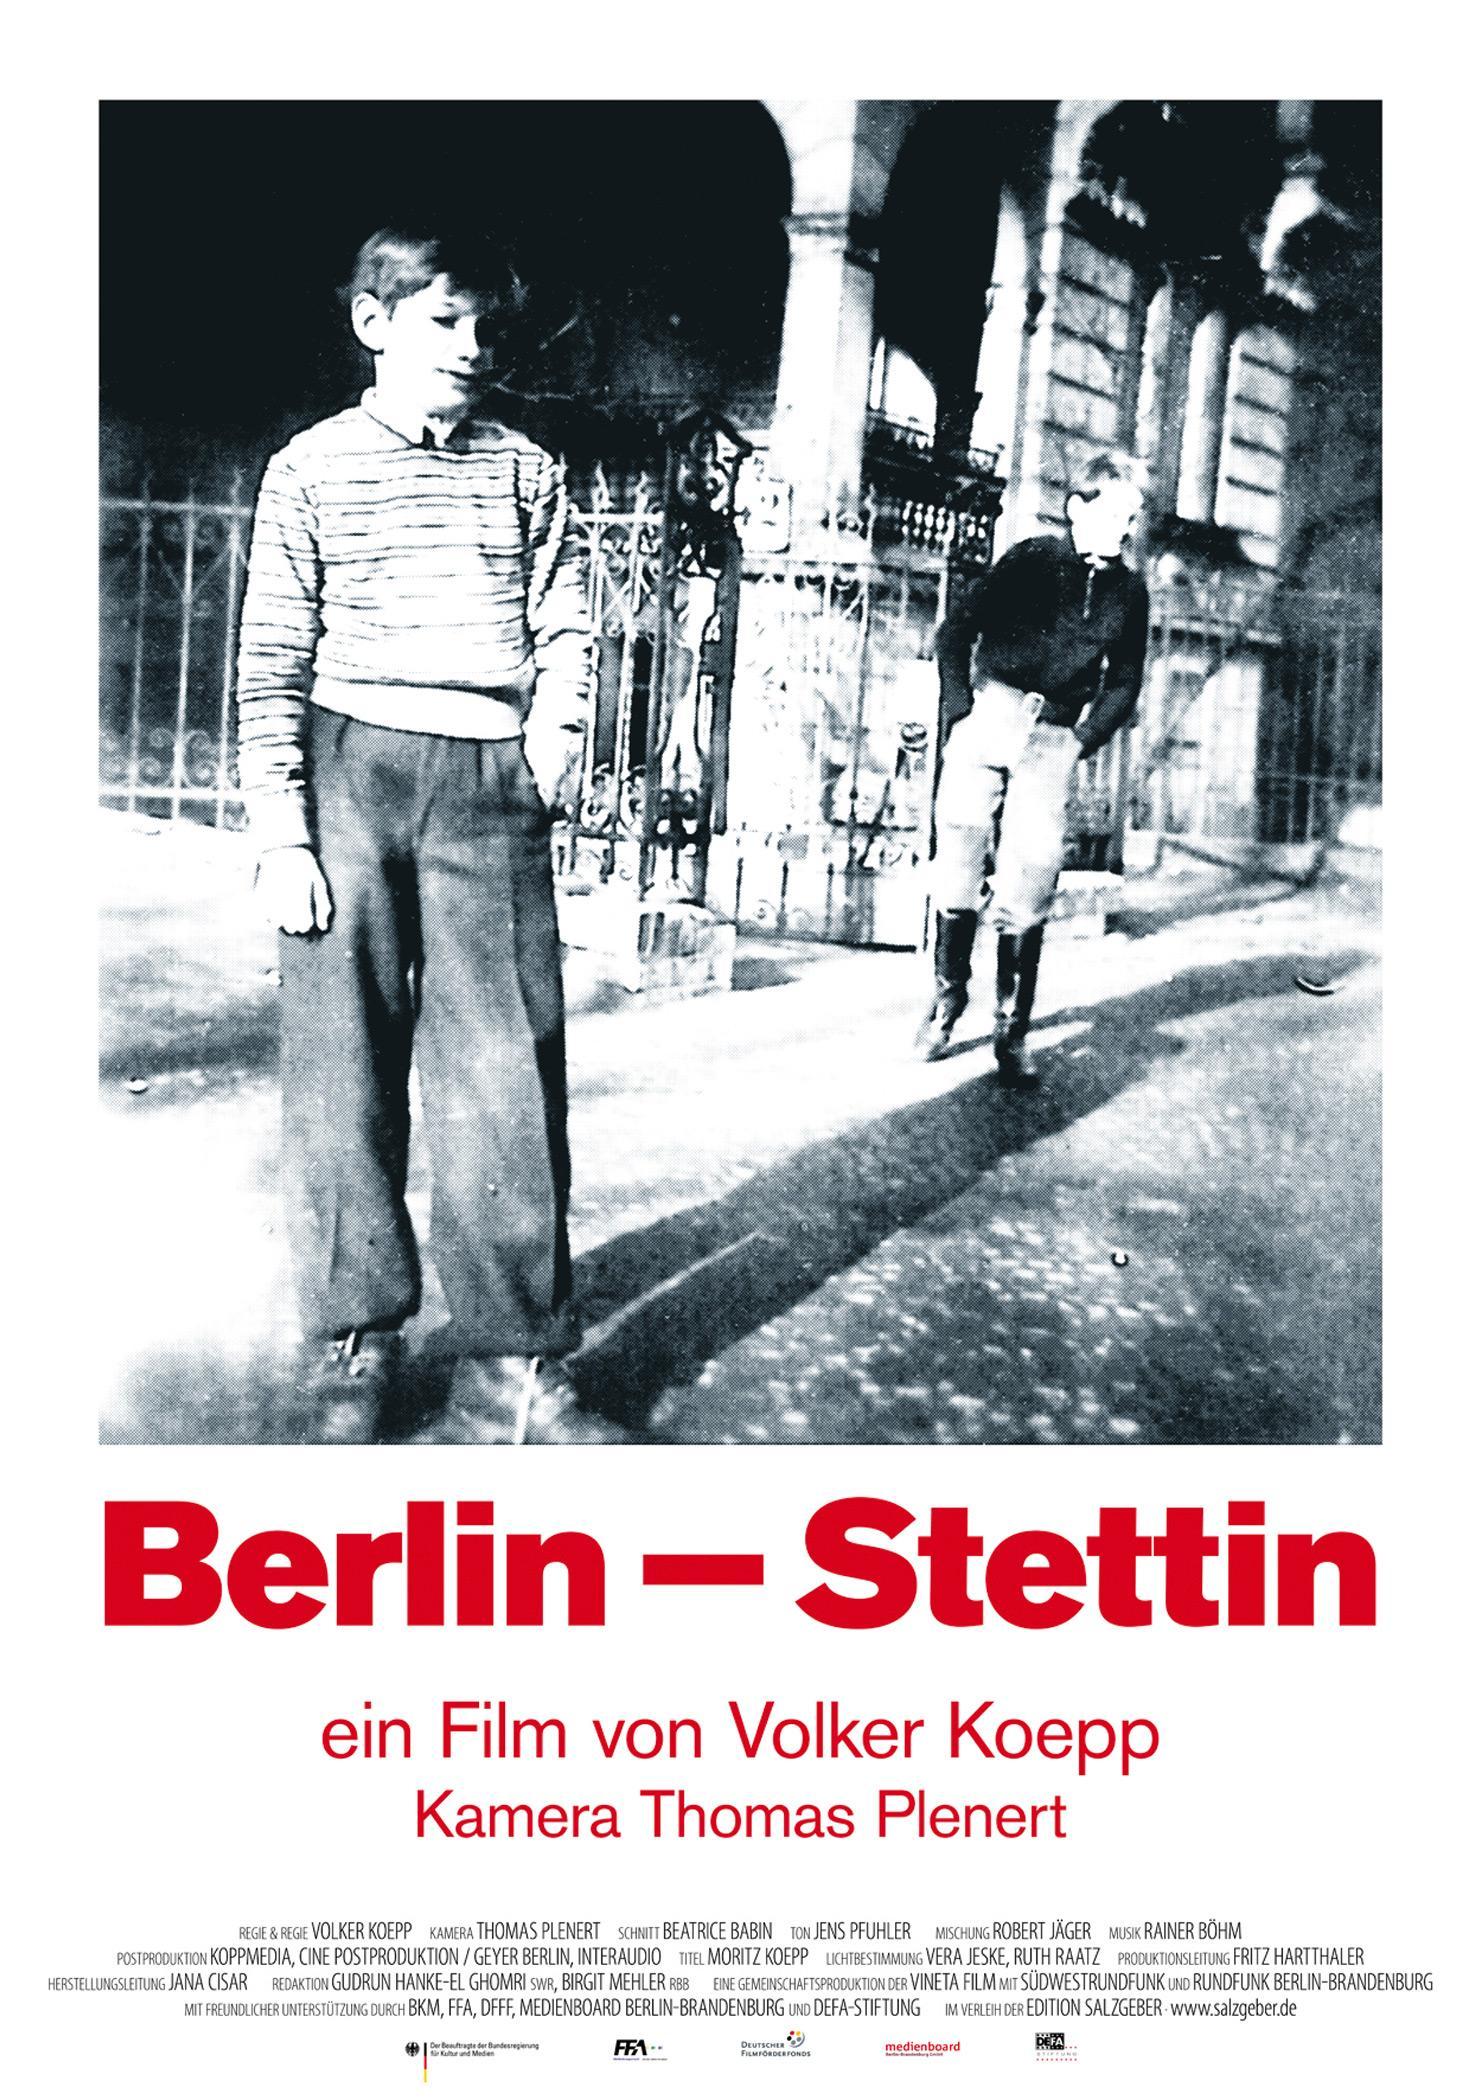 Berlin - Stettin (Poster)